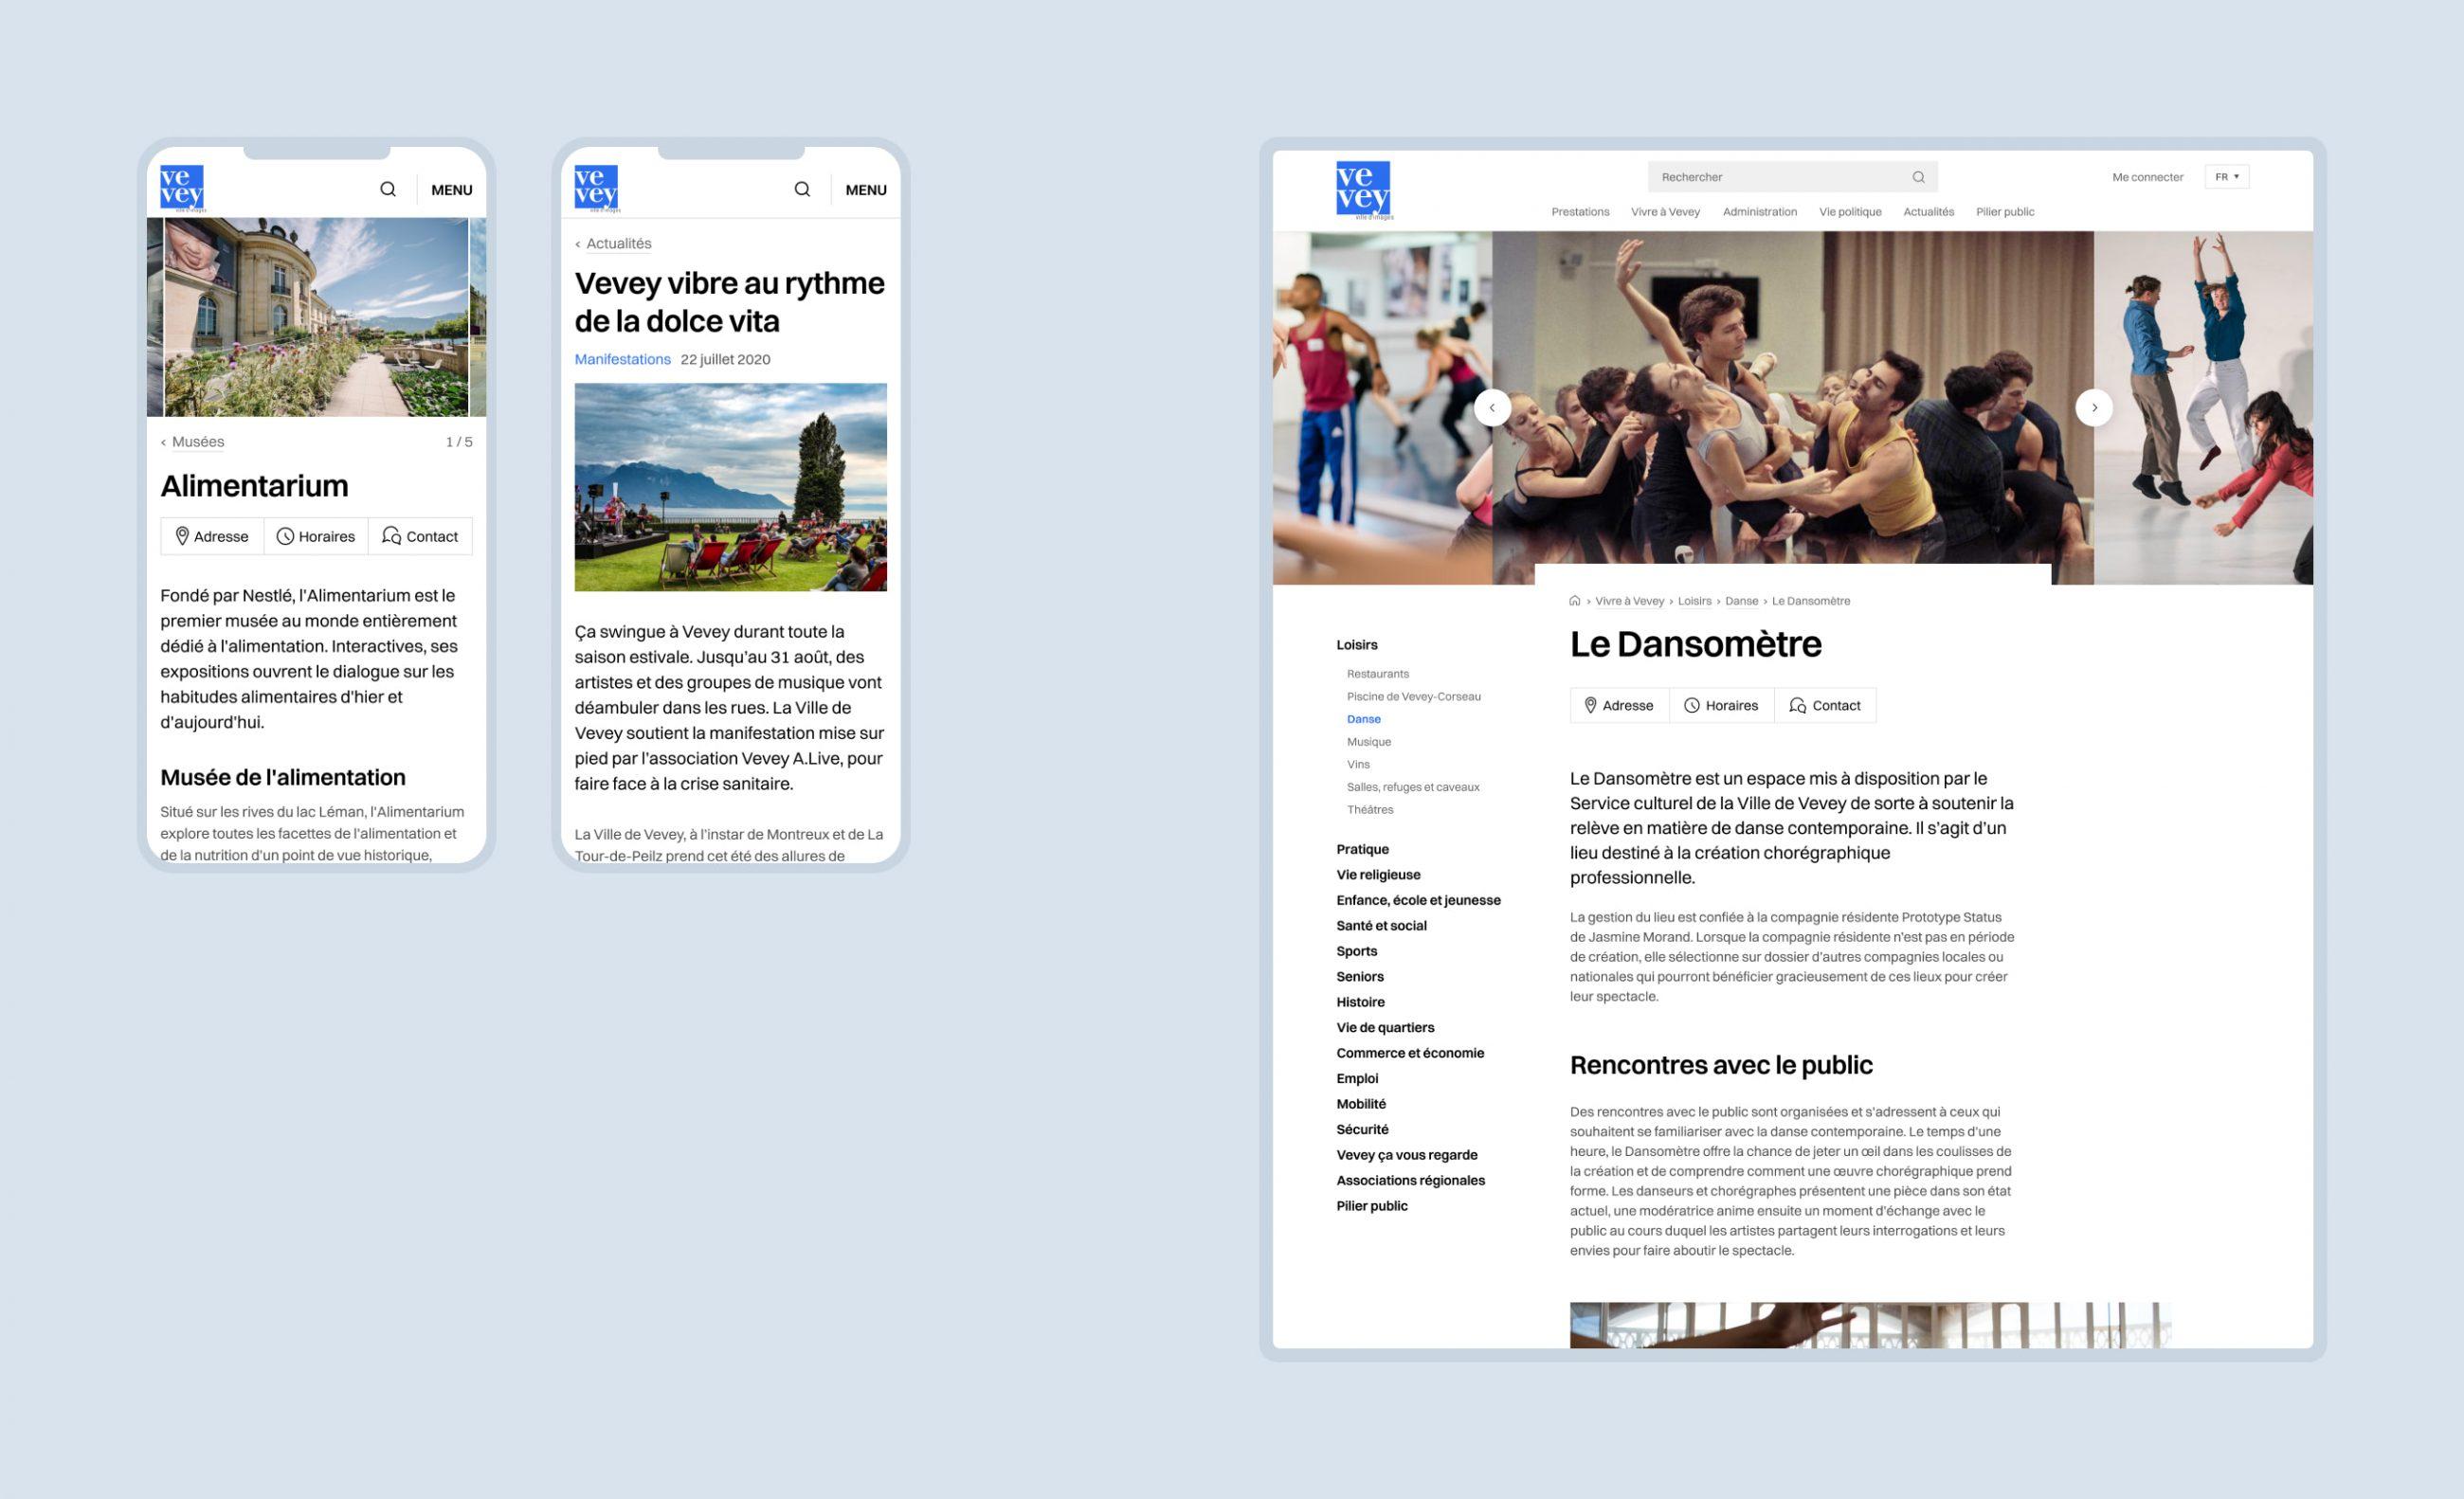 Maquettes de pages de contenu du site de la Ville de Vevey.